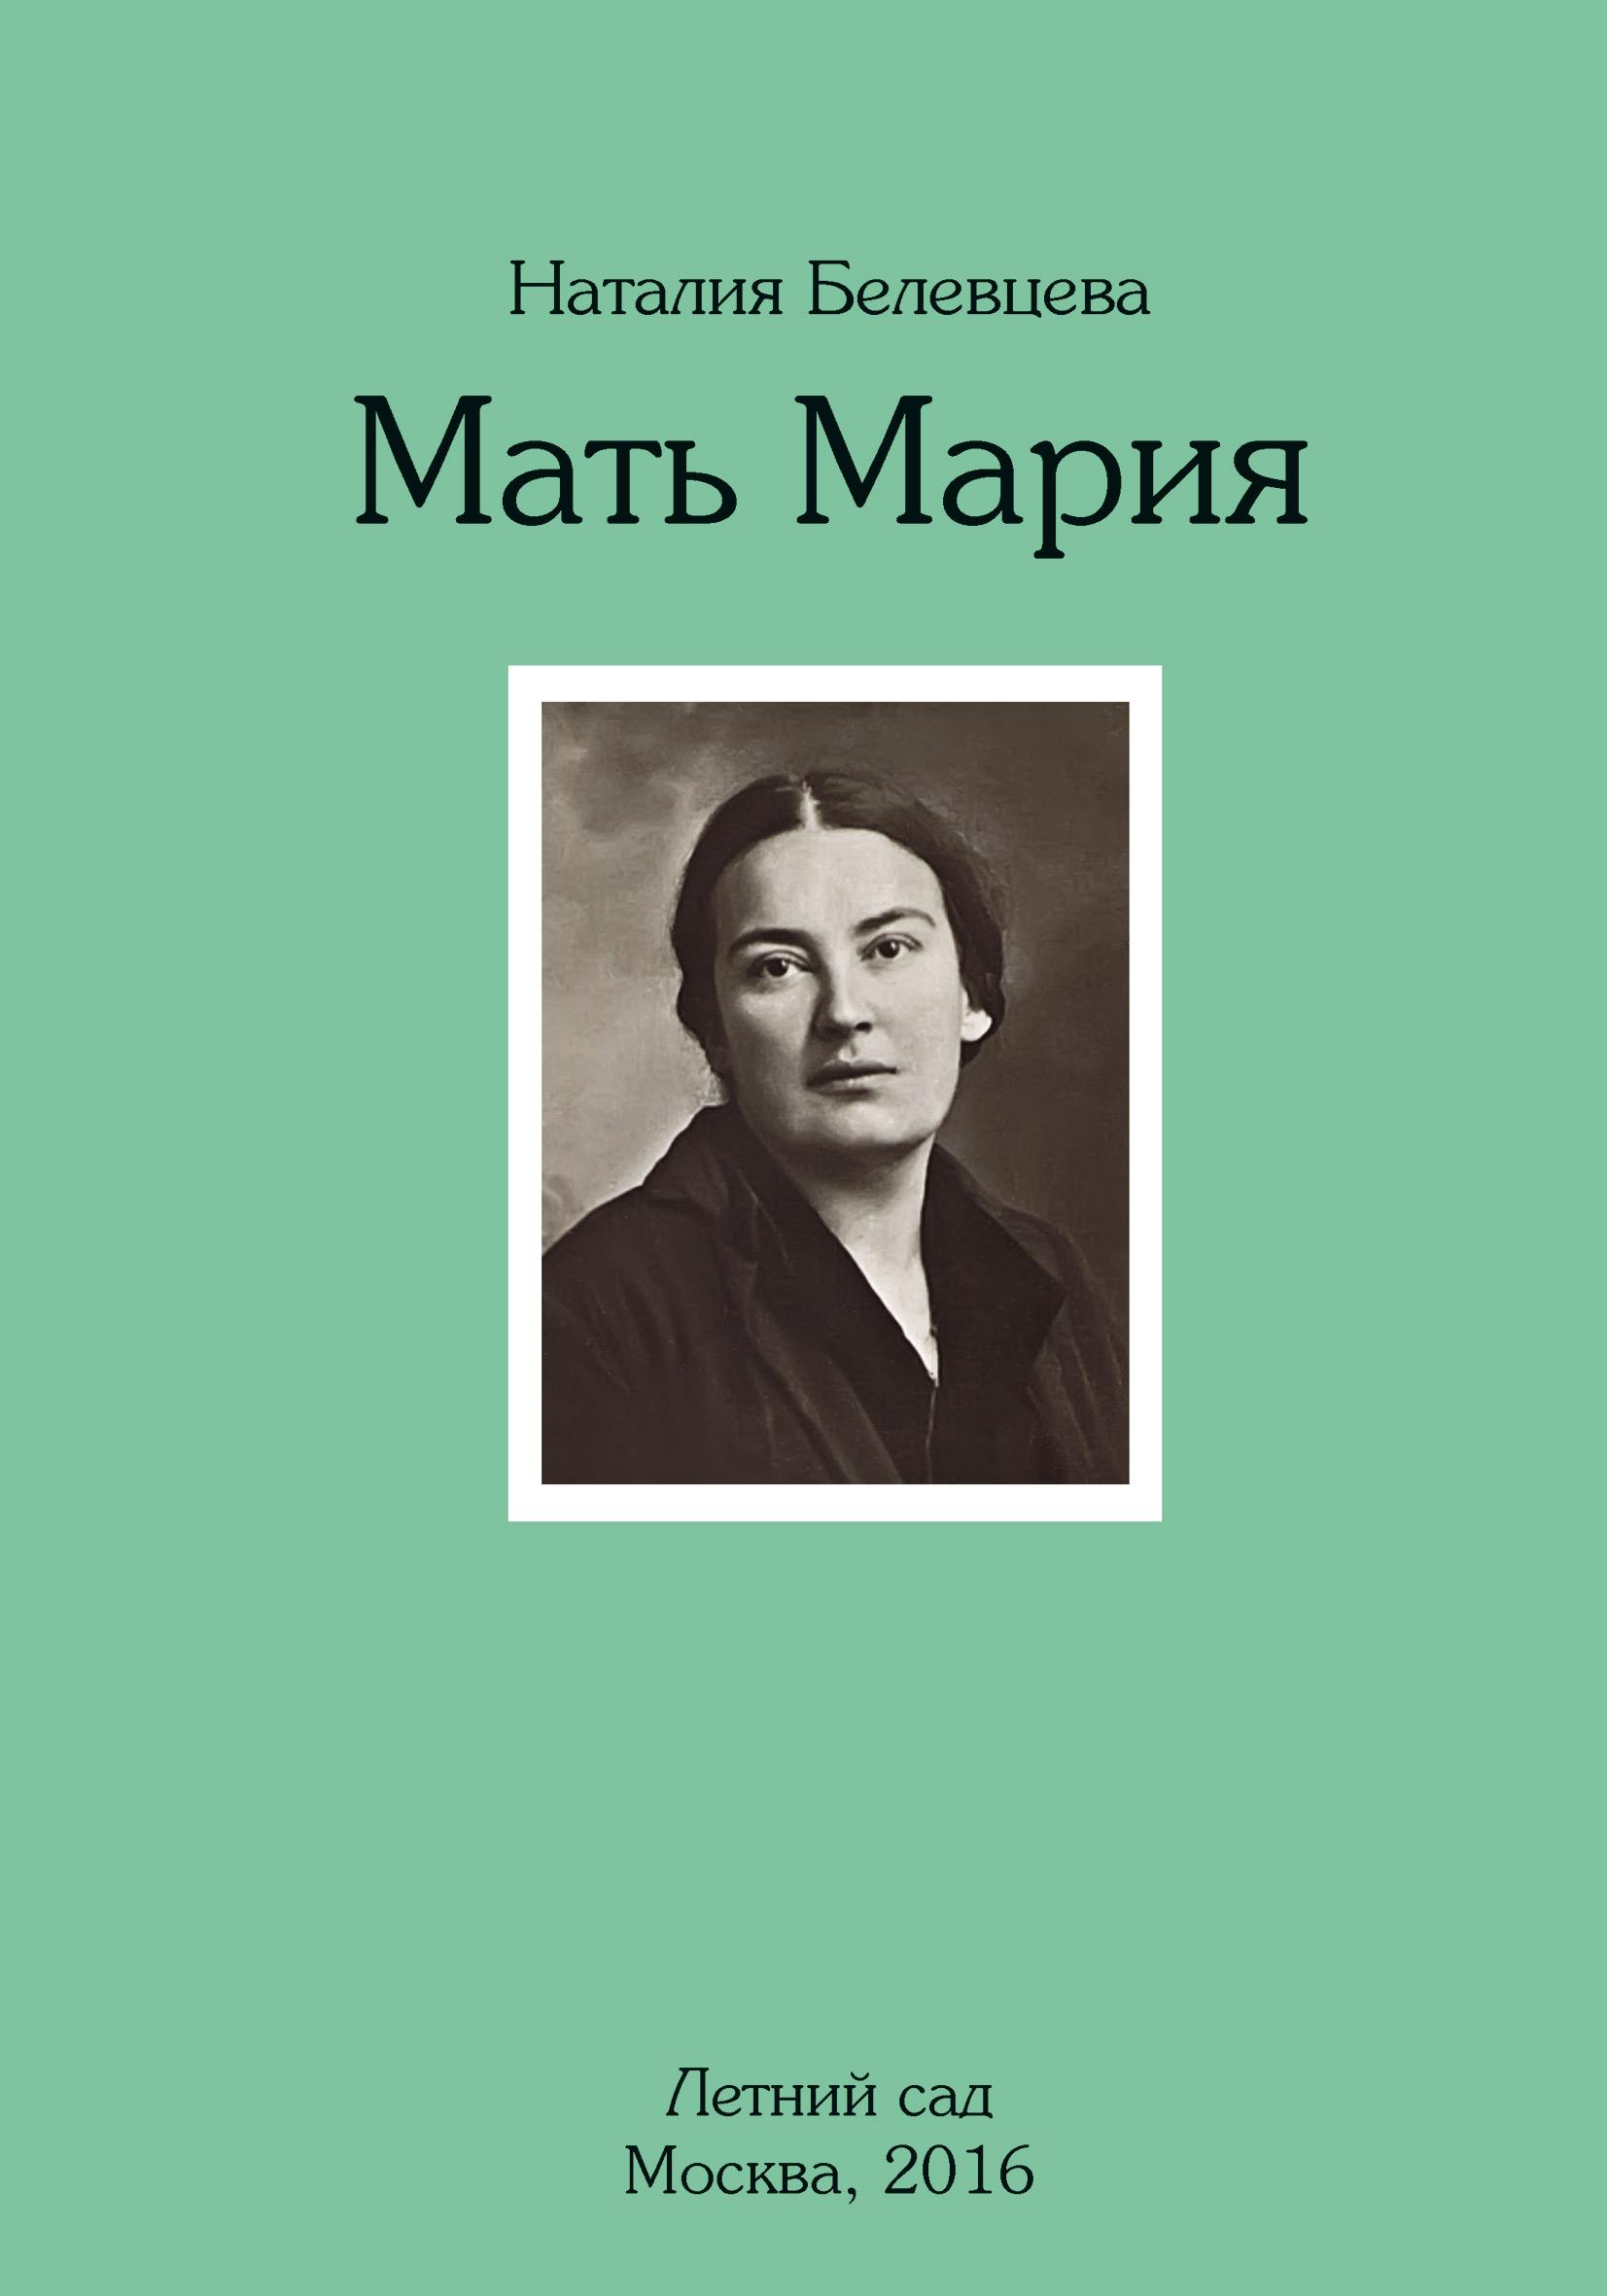 Наталья Белевцева Мать Мария мария суворова маленькие марии